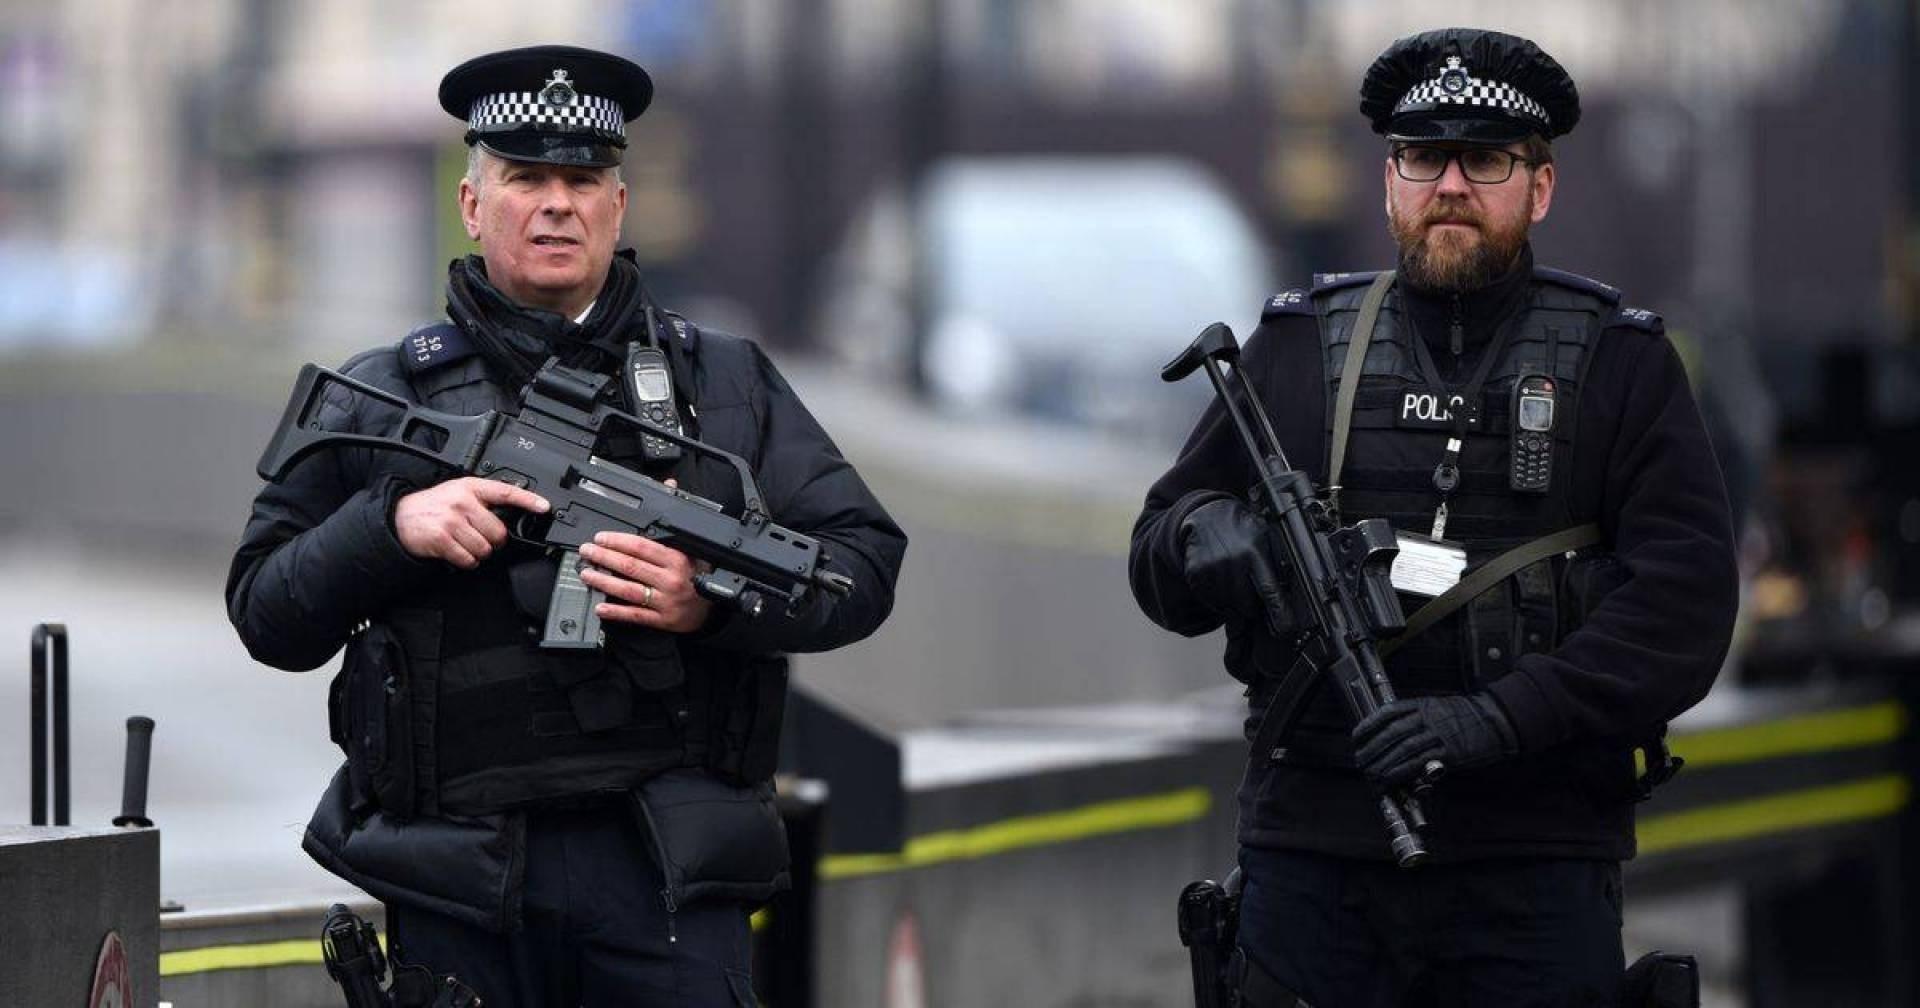 الشرطة البريطانية تتهم رجلاً بإنتاج دواء مزيف لعلاج فيروس كورونا